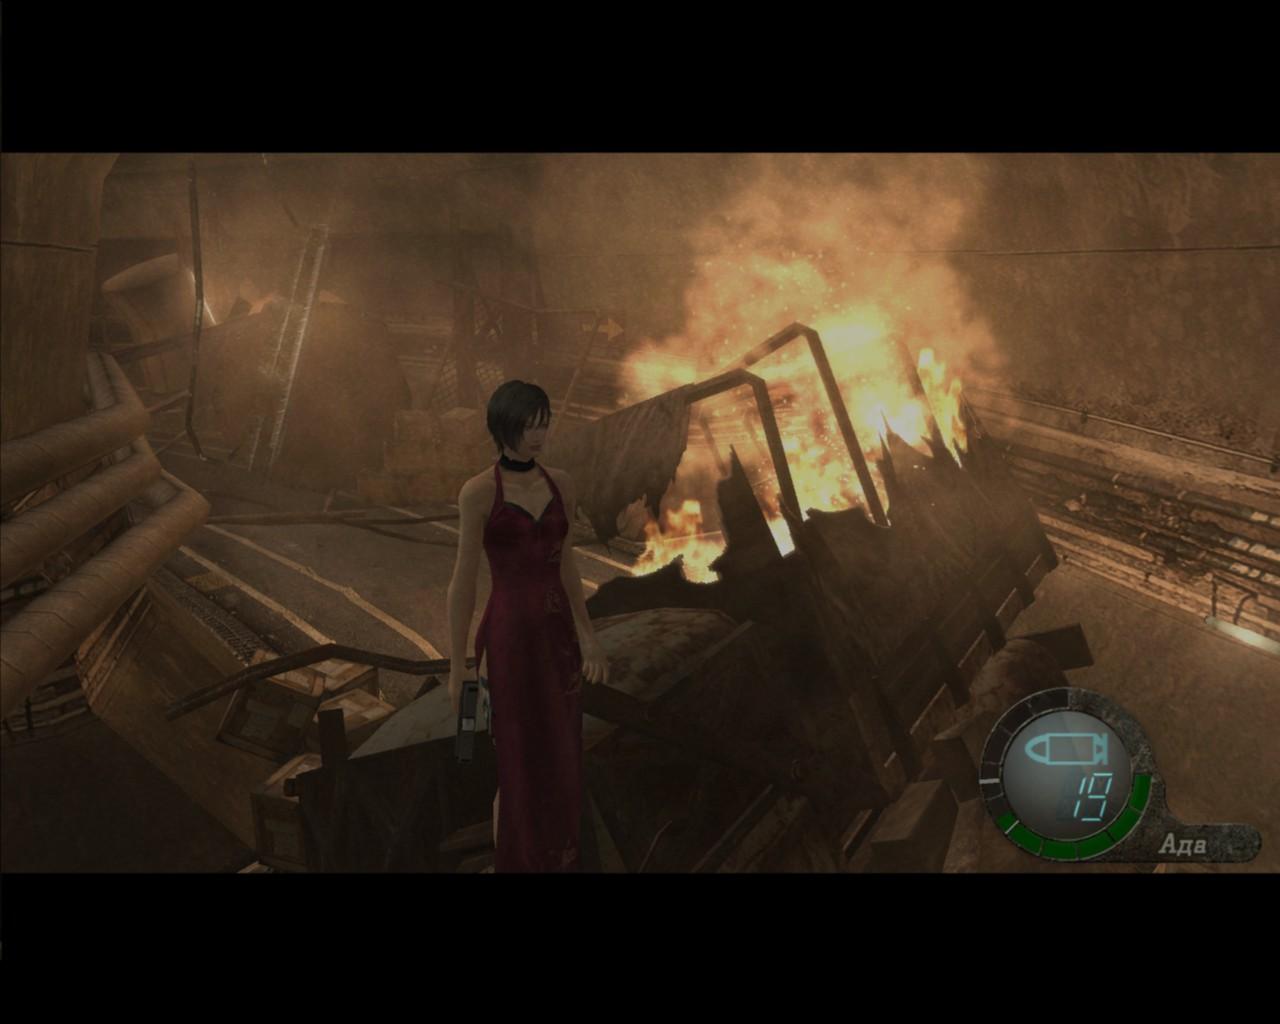 bio4 2014-08-03 17-47-19-16.jpg - Resident Evil 4